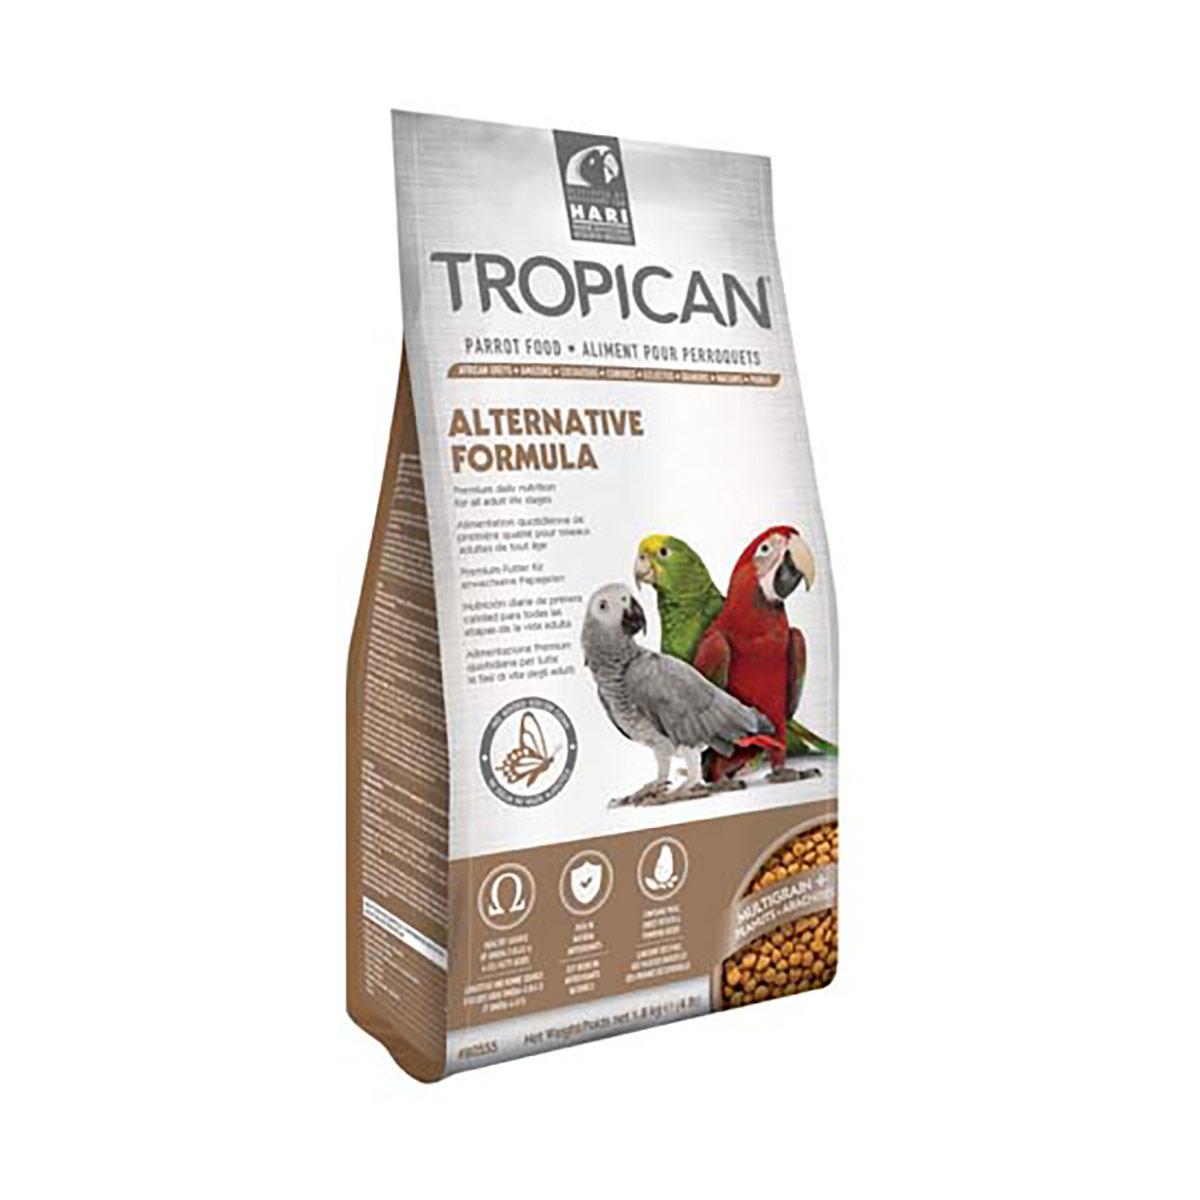 Image of Hari Tropican Alternative Formula : Granuli - 1,8 kg